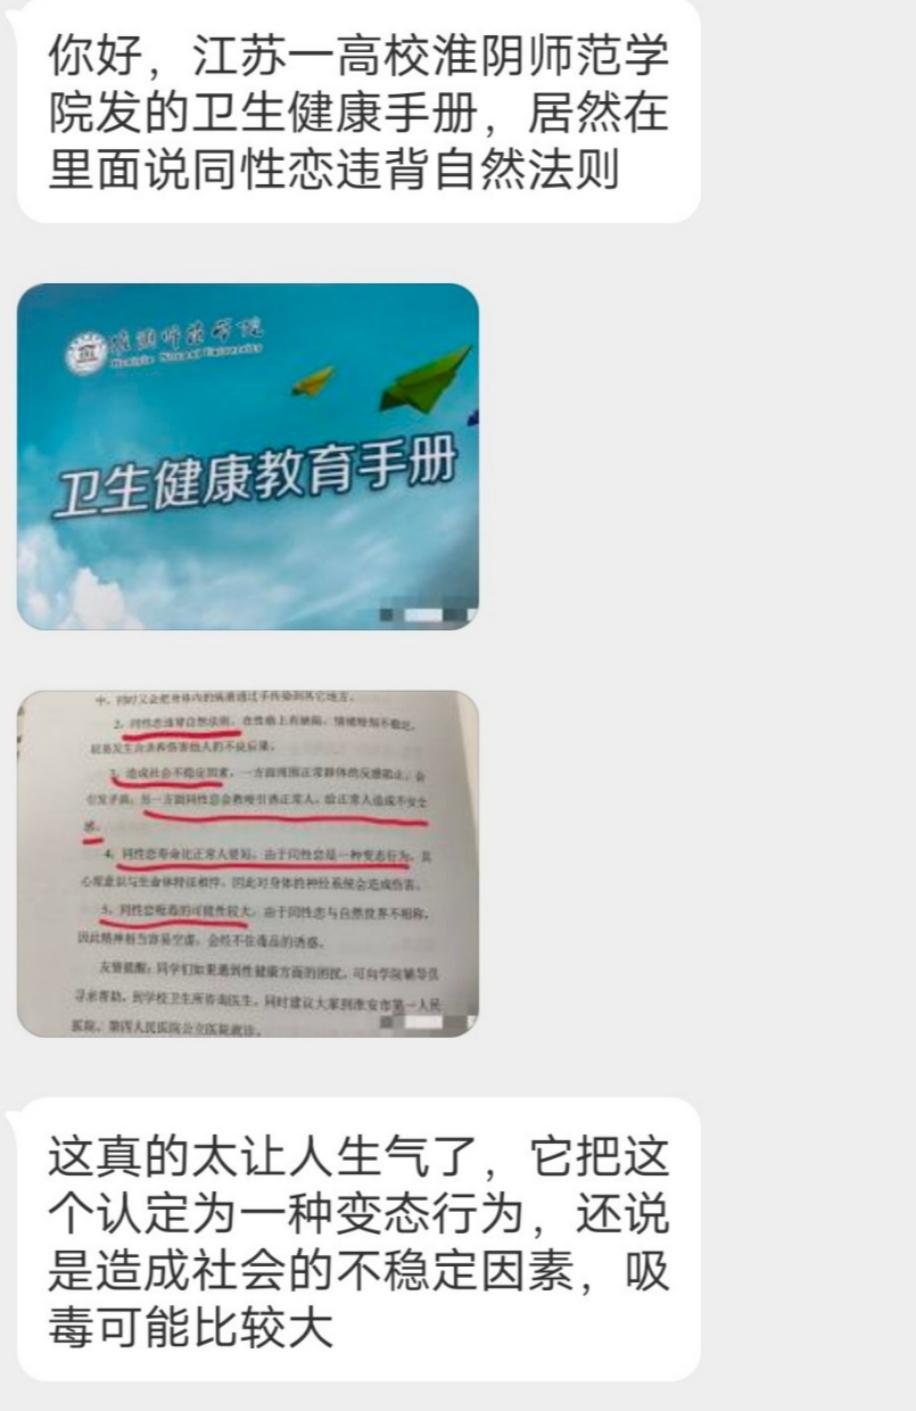 【运城搜搜团购网】_卫生手册被指歧视同性恋 淮安一高校称已回收:确有不妥